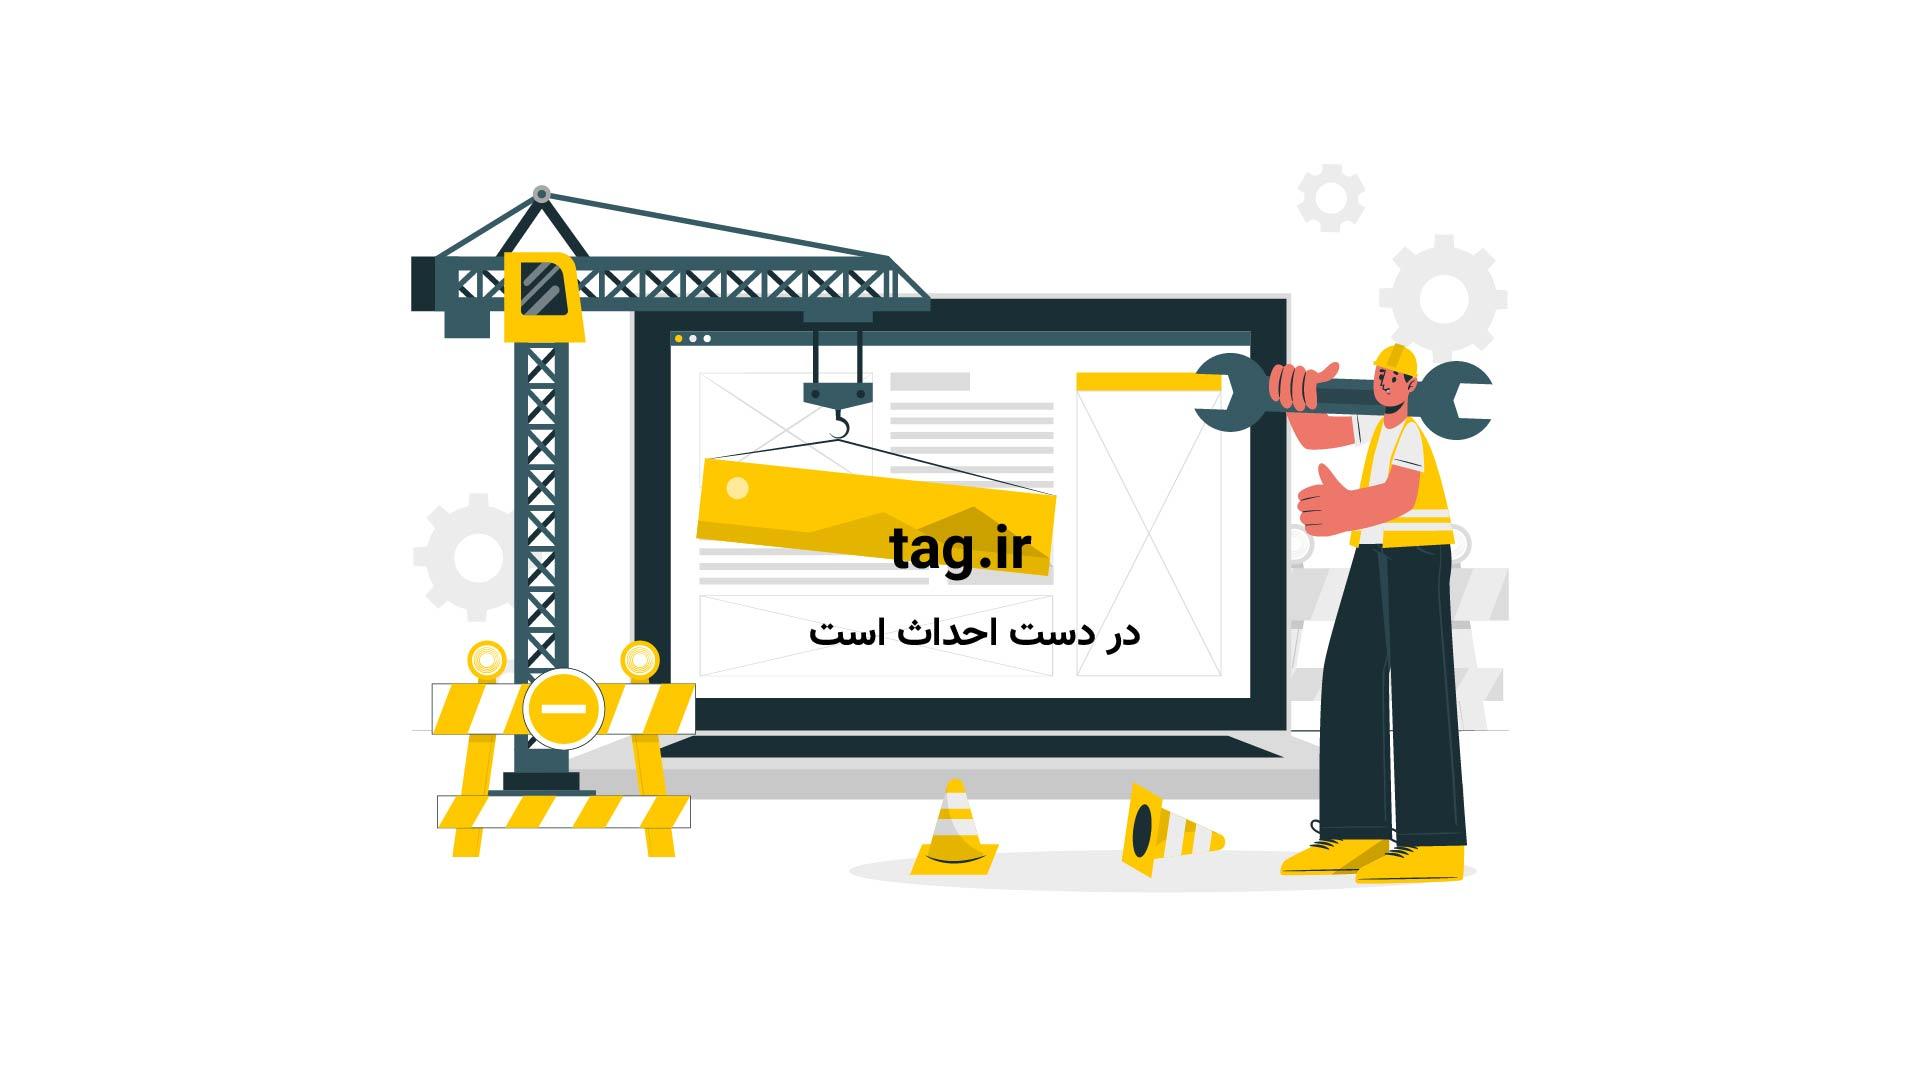 لحظه حمله مسلحانه فرد ناشناس به جوان ۲۵ساله ایلامی | فیلم